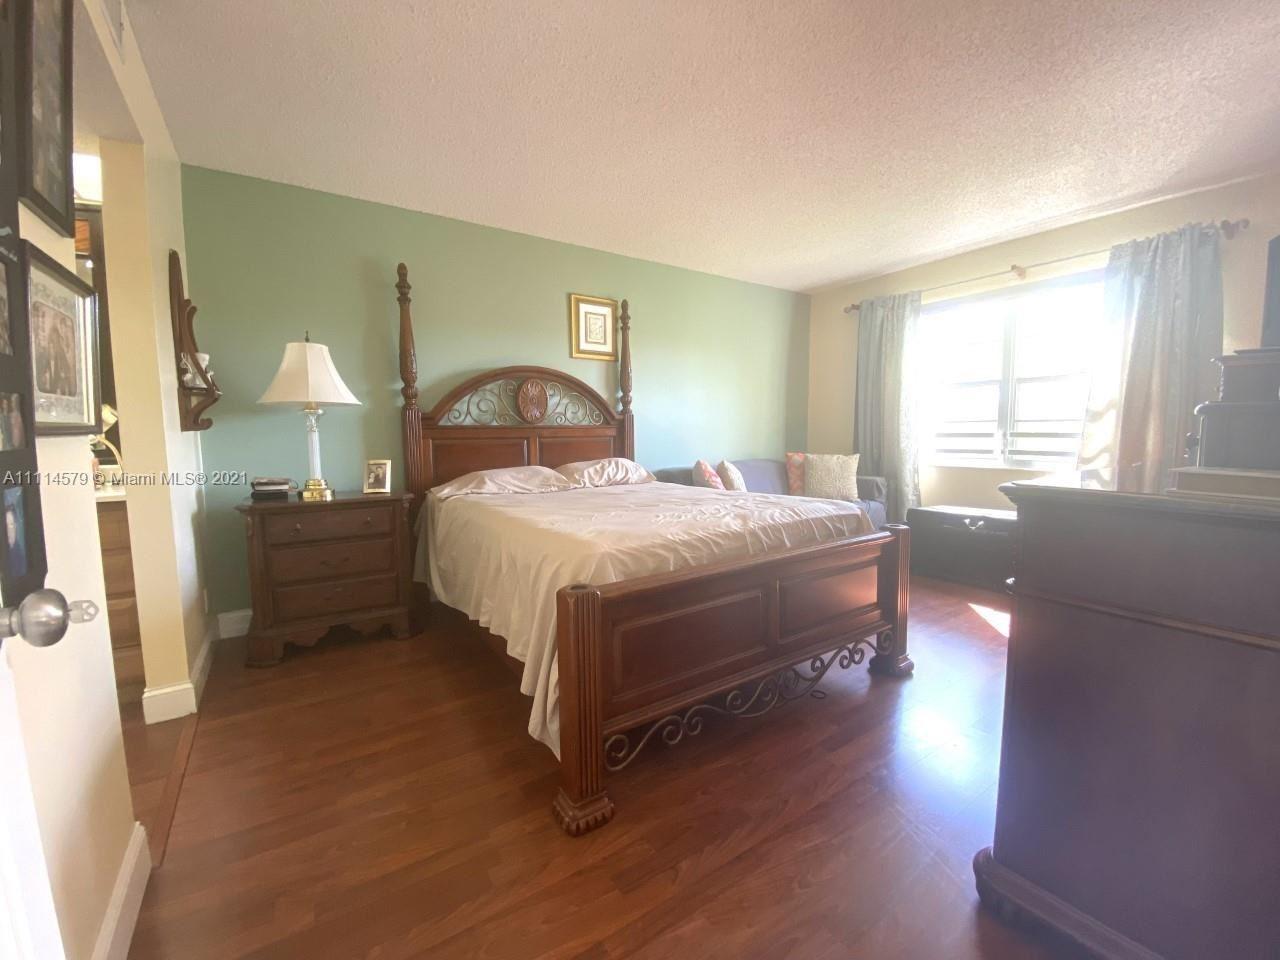 12900 SW 13th St #204E, Pembroke Pines, FL 33027 - #: A11114579